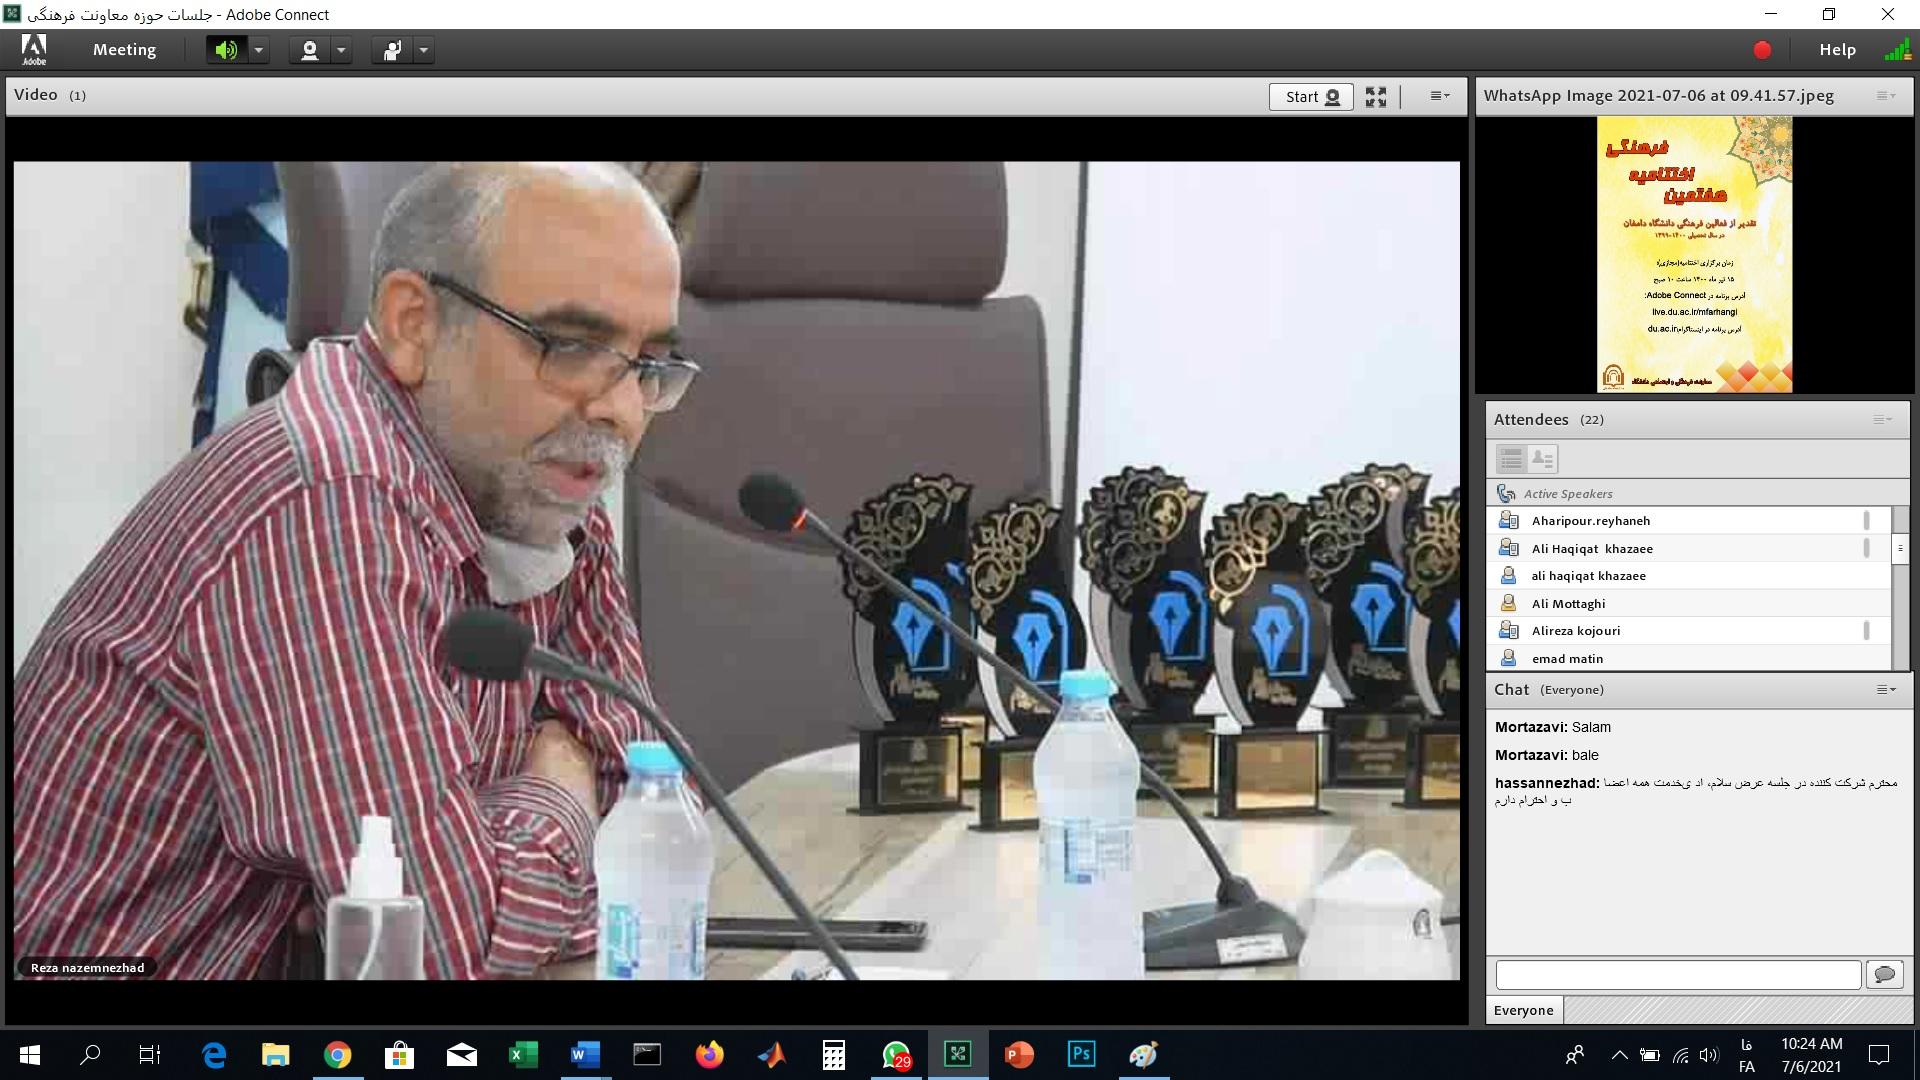 هفتمین اختتامیه فرهنگی دانشگاه برگزار شد